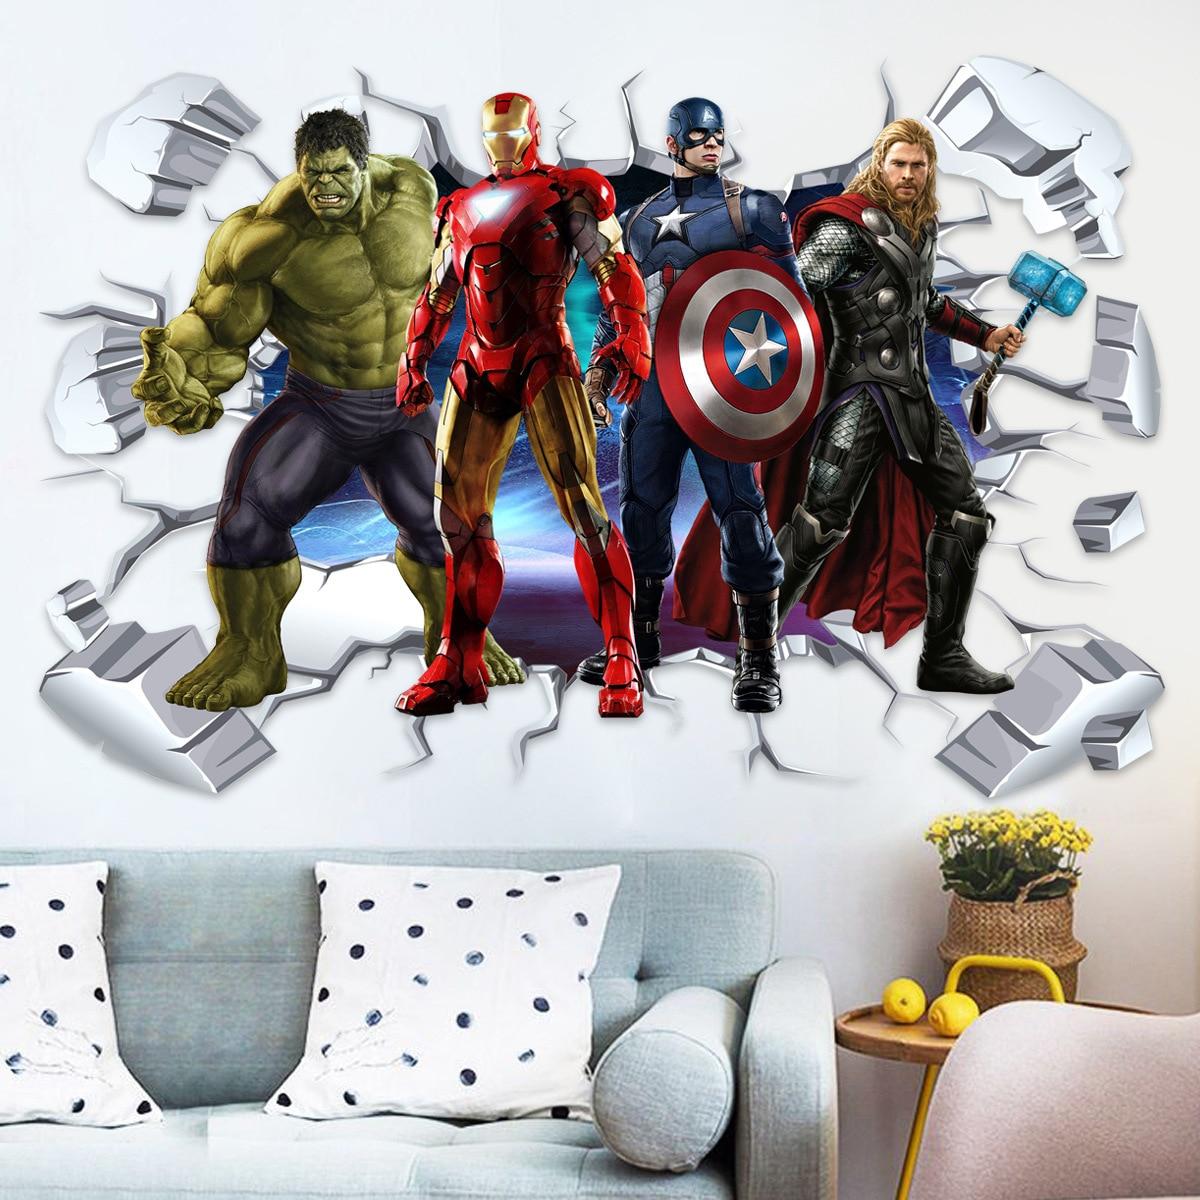 anime-3d-avengers-adesivi-murali-adesivi-murali-marvel-adesivi-decorativi-per-la-camera-dei-bambini-regali-per-amici-o-bambini